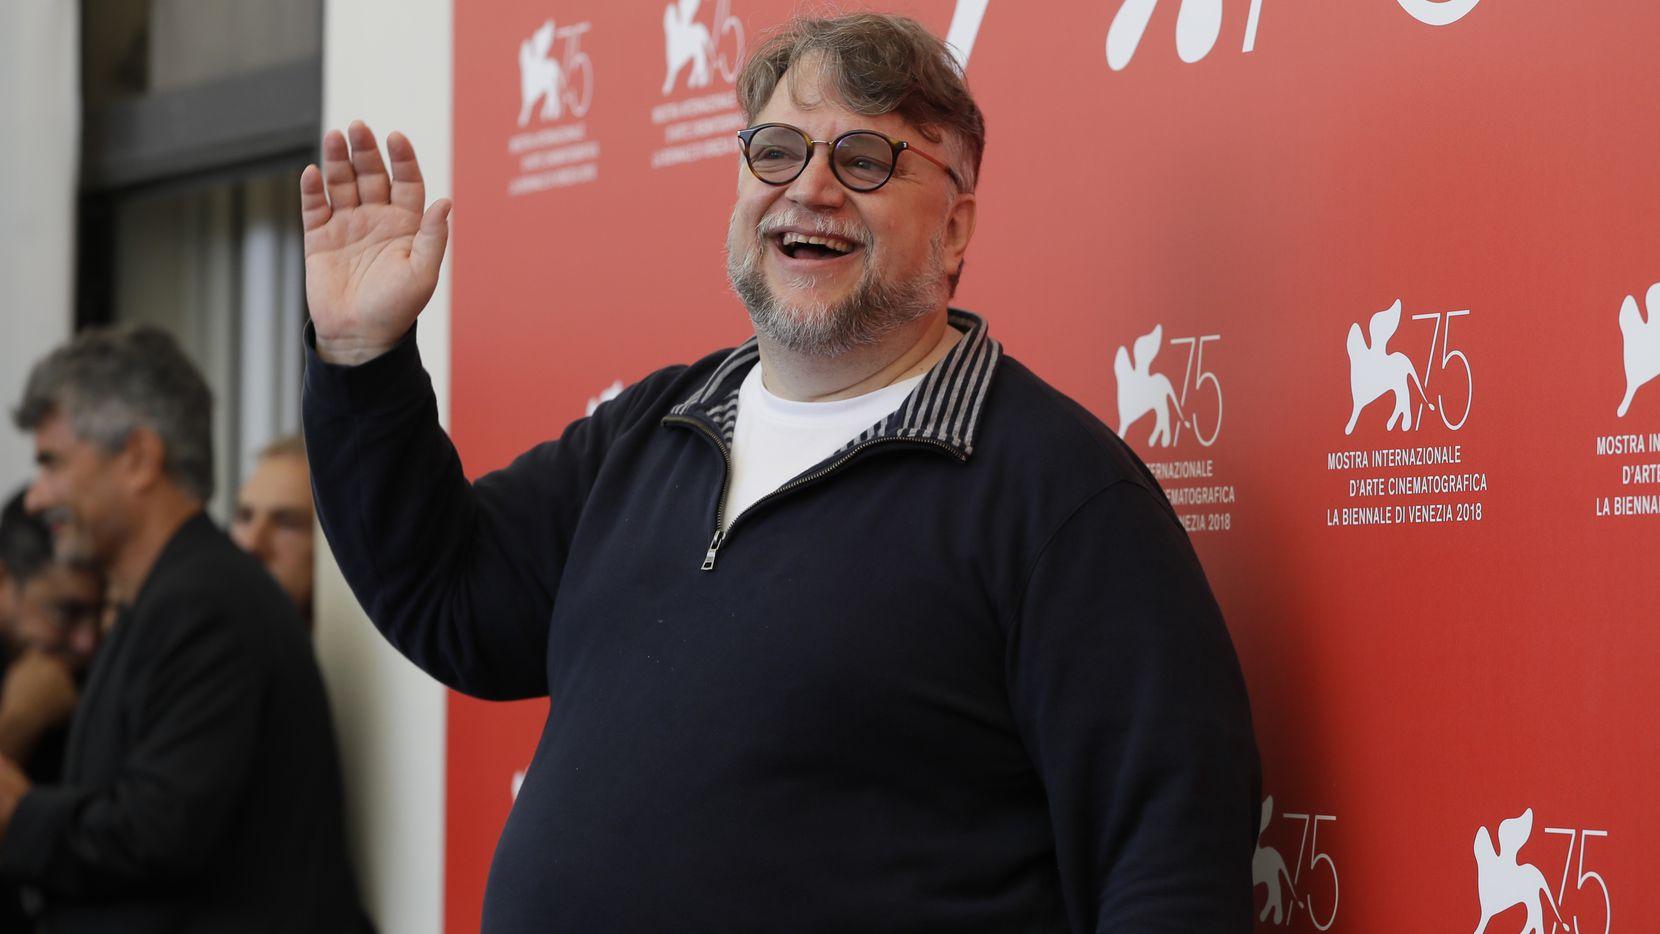 En esta fotografía de archivo del 29 de agosto de 2018 el presidente del jurado Guillermo del Toro posa para en una sesión para miembros del jurado de la 75ª edición del Festival de Cine de Venecia en Venecia, Italia.